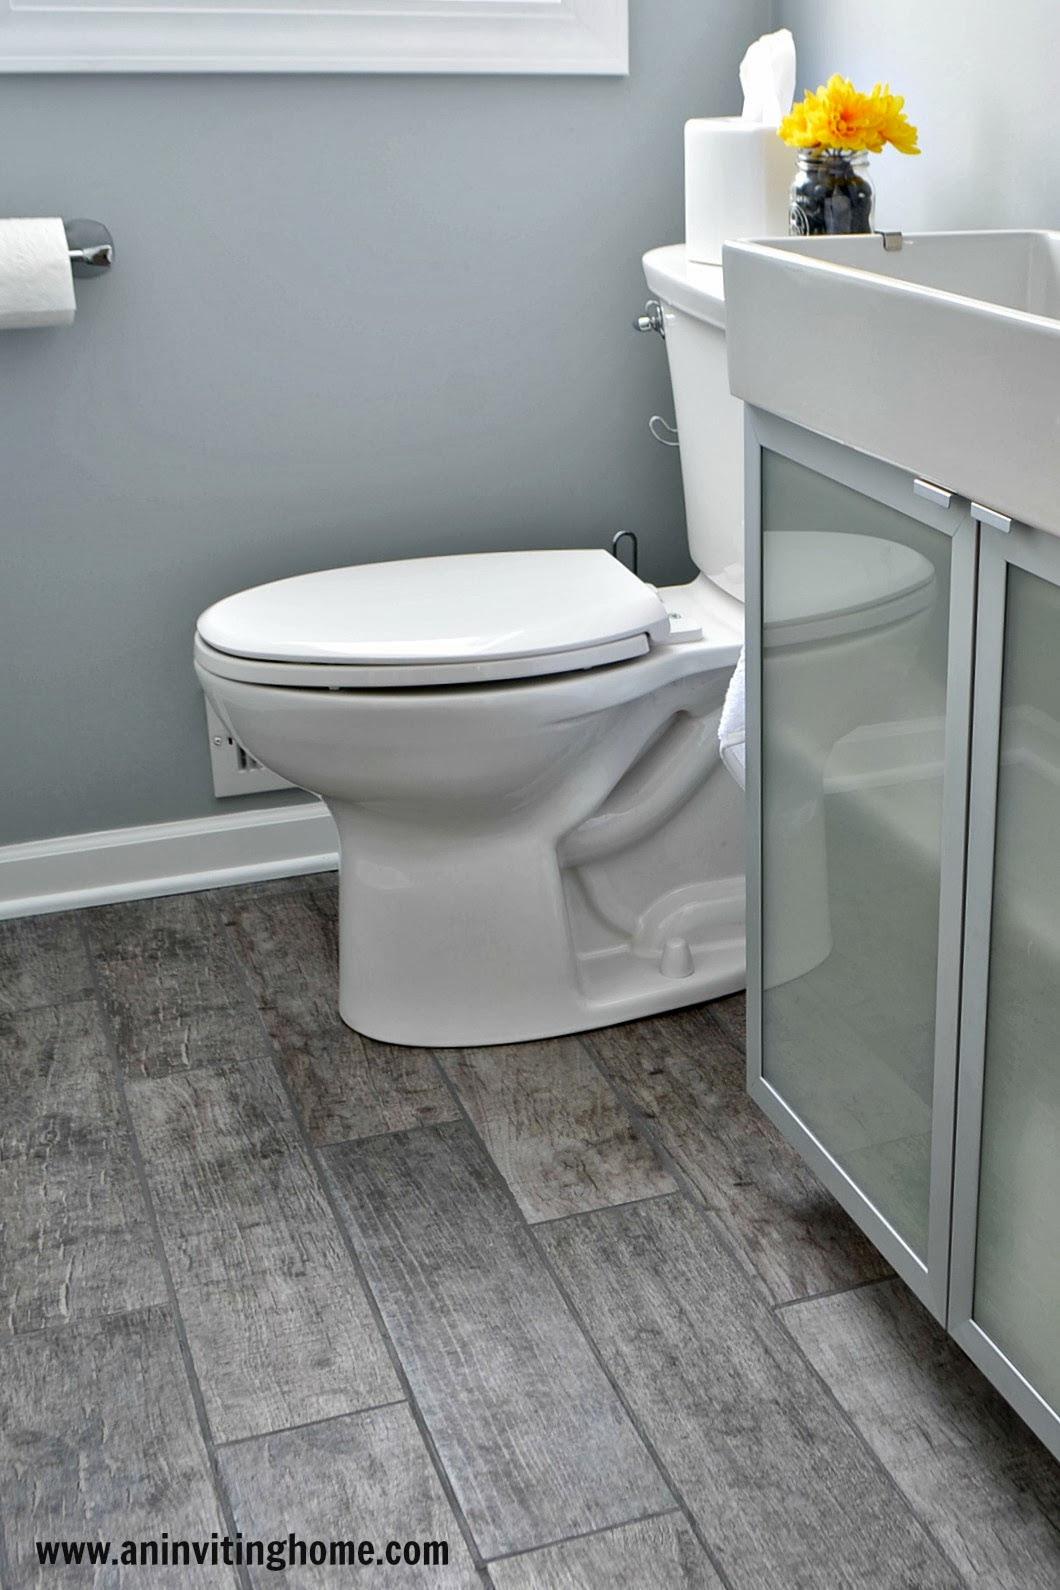 Remodelaholic | Modern Bathroom Update